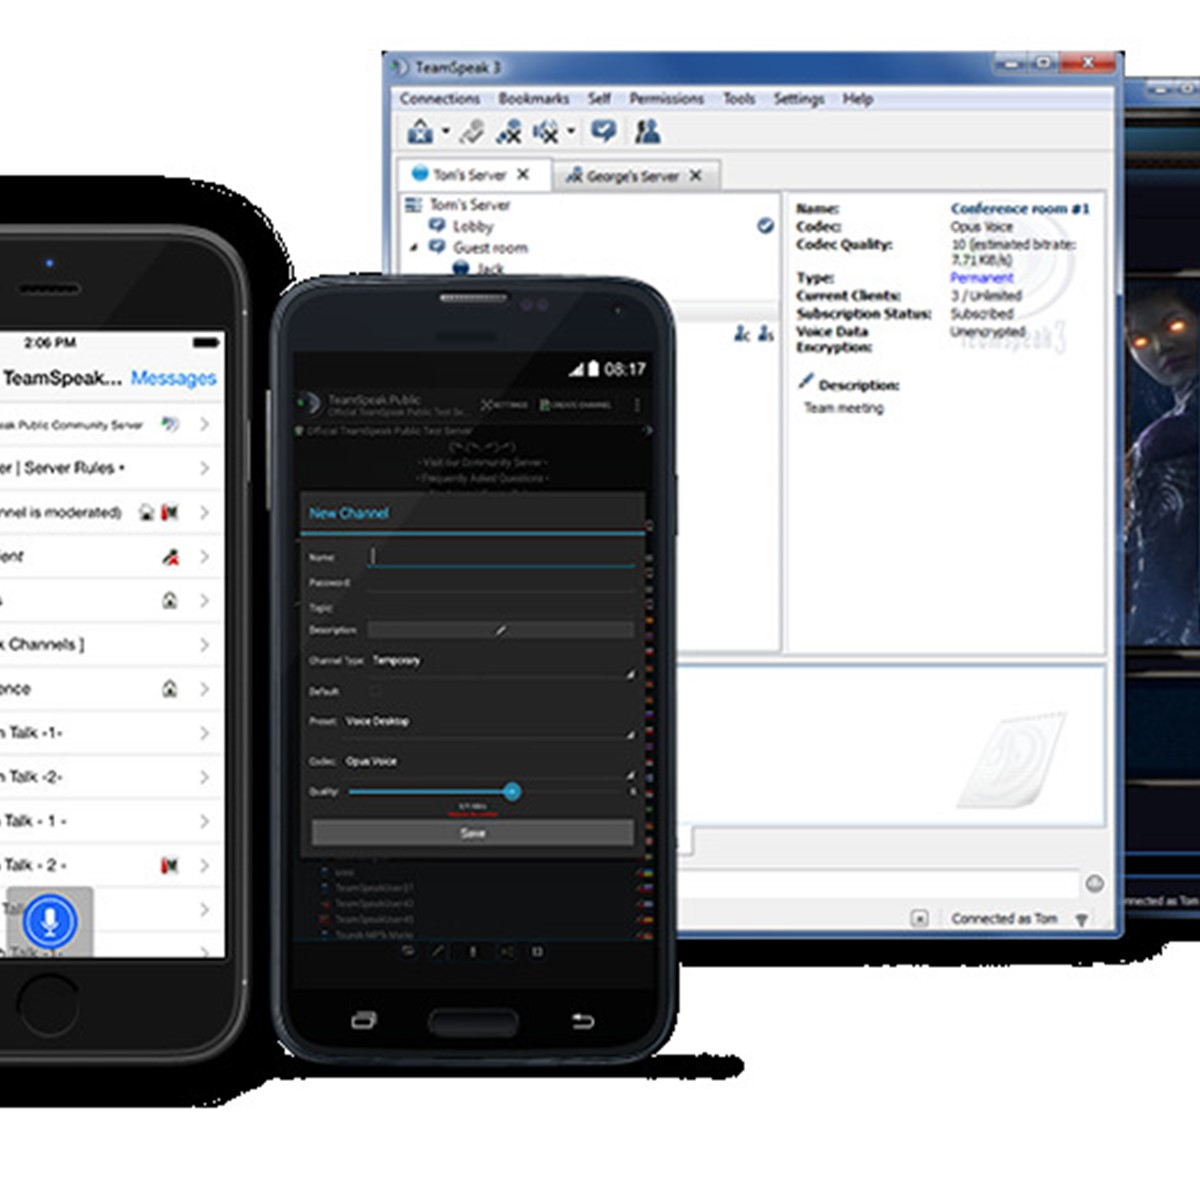 TeamSpeak Alternatives for Android - AlternativeTo net